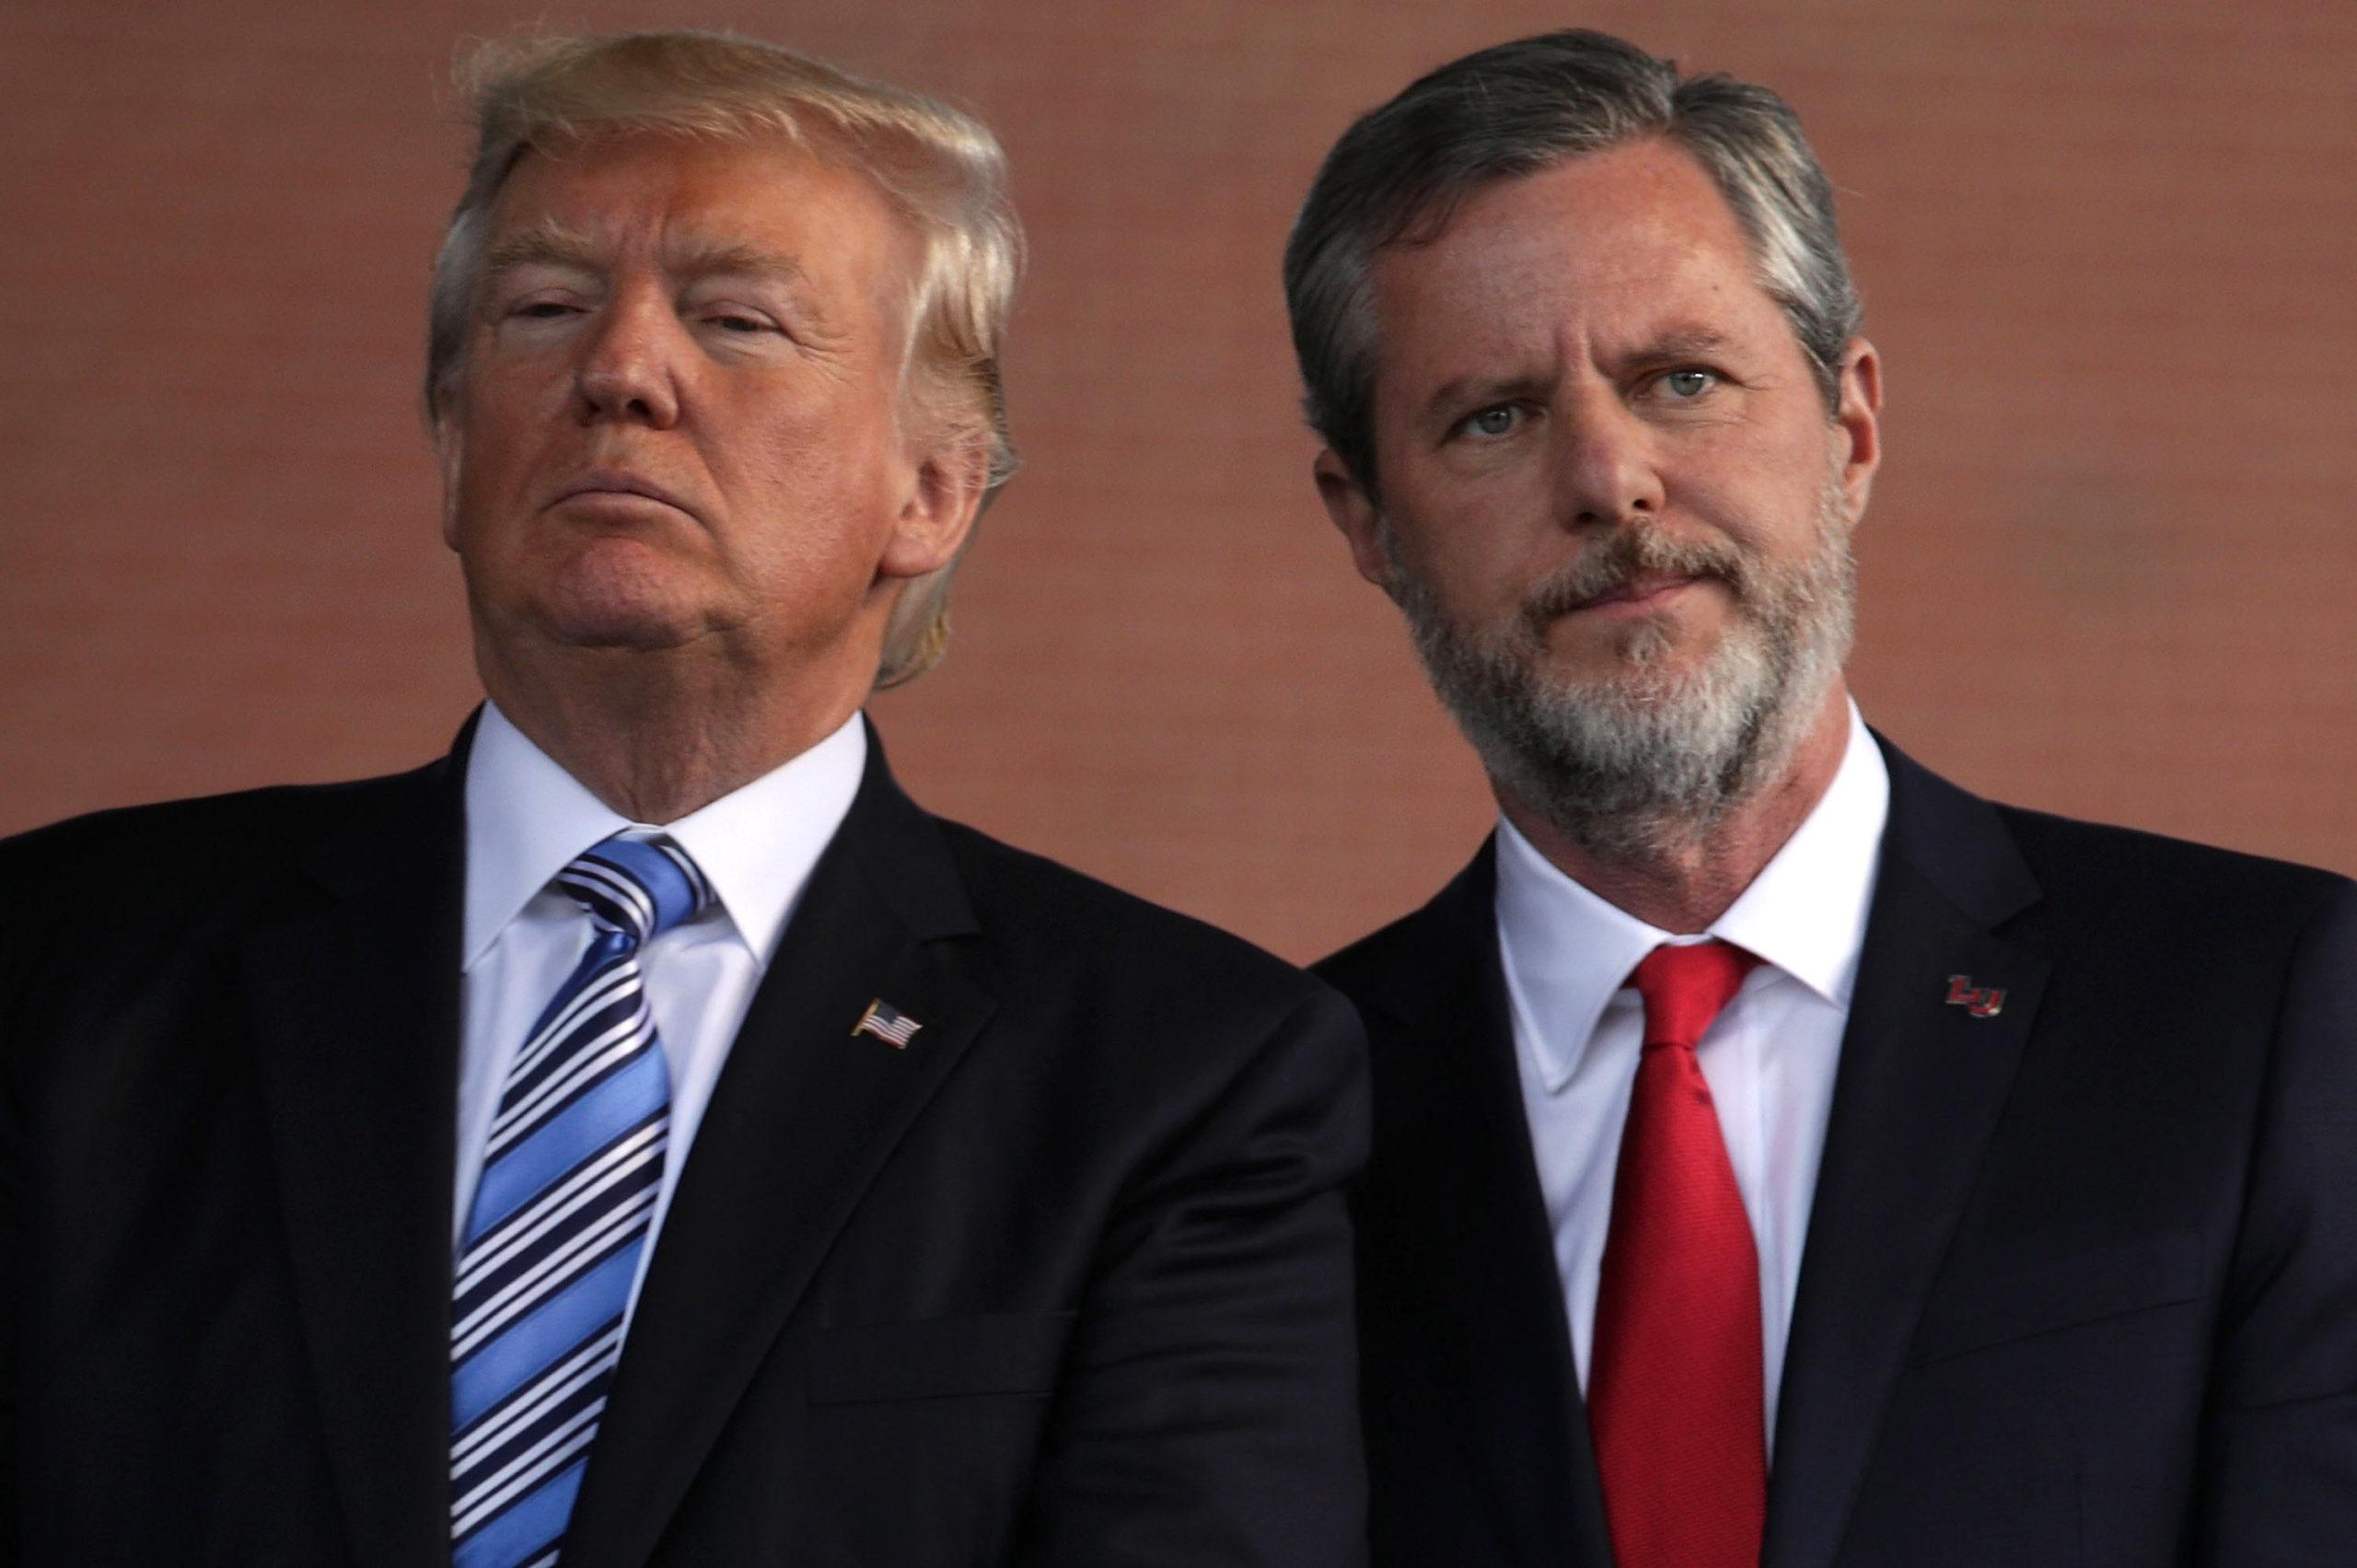 Le président américain Donald Trump et Jerry Falwell